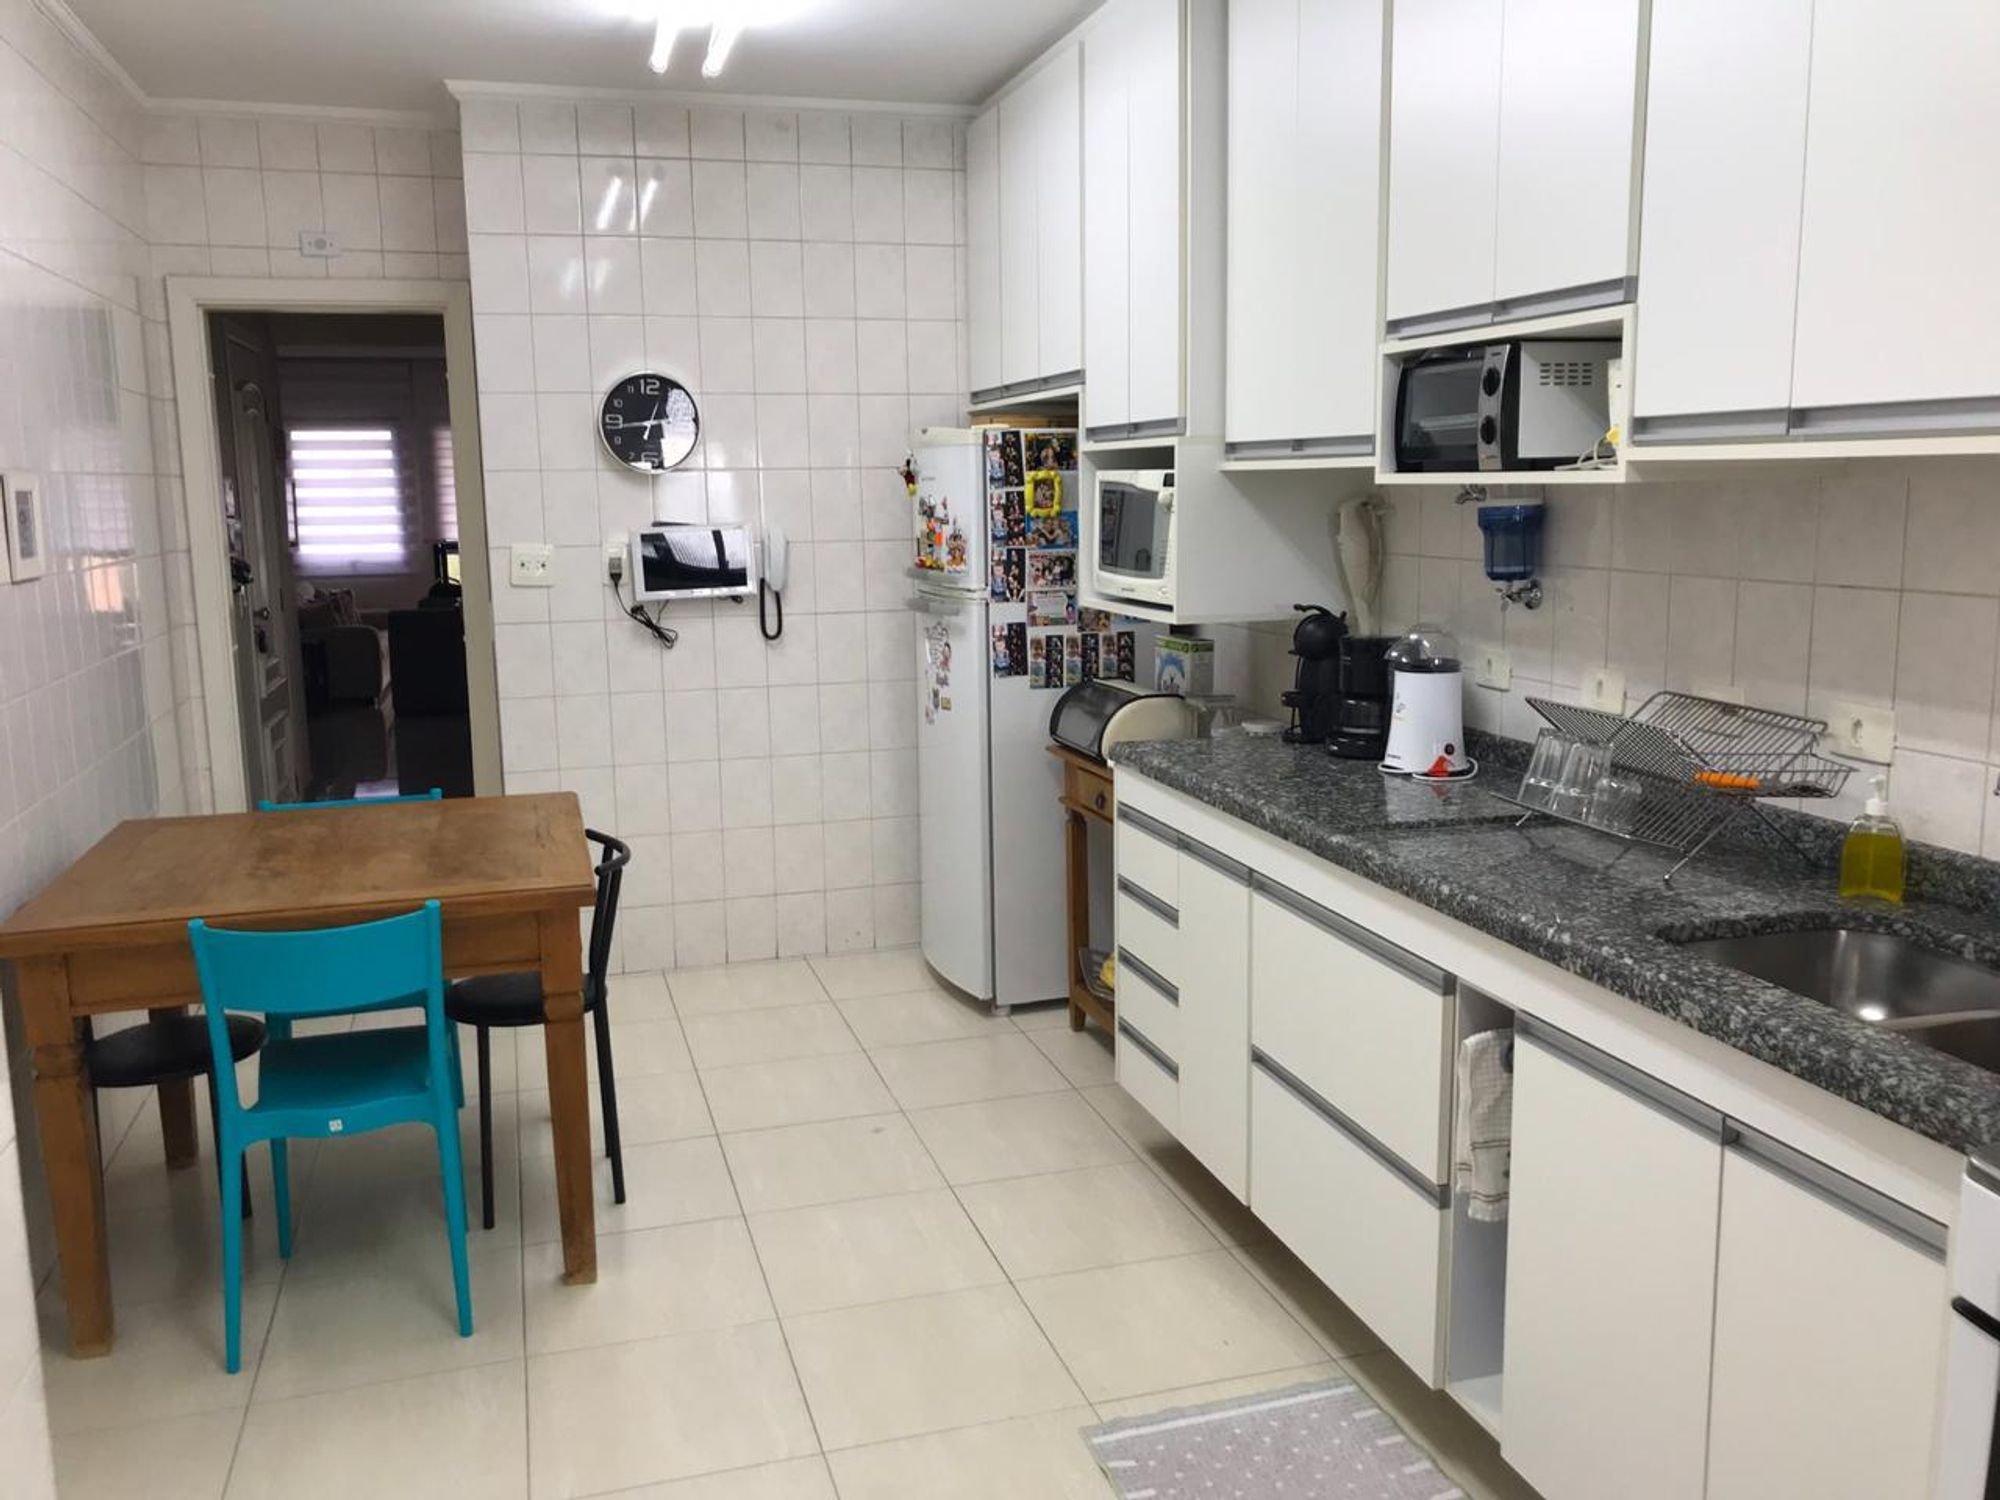 Foto de Cozinha com garrafa, geladeira, pia, cadeira, microondas, mesa de jantar